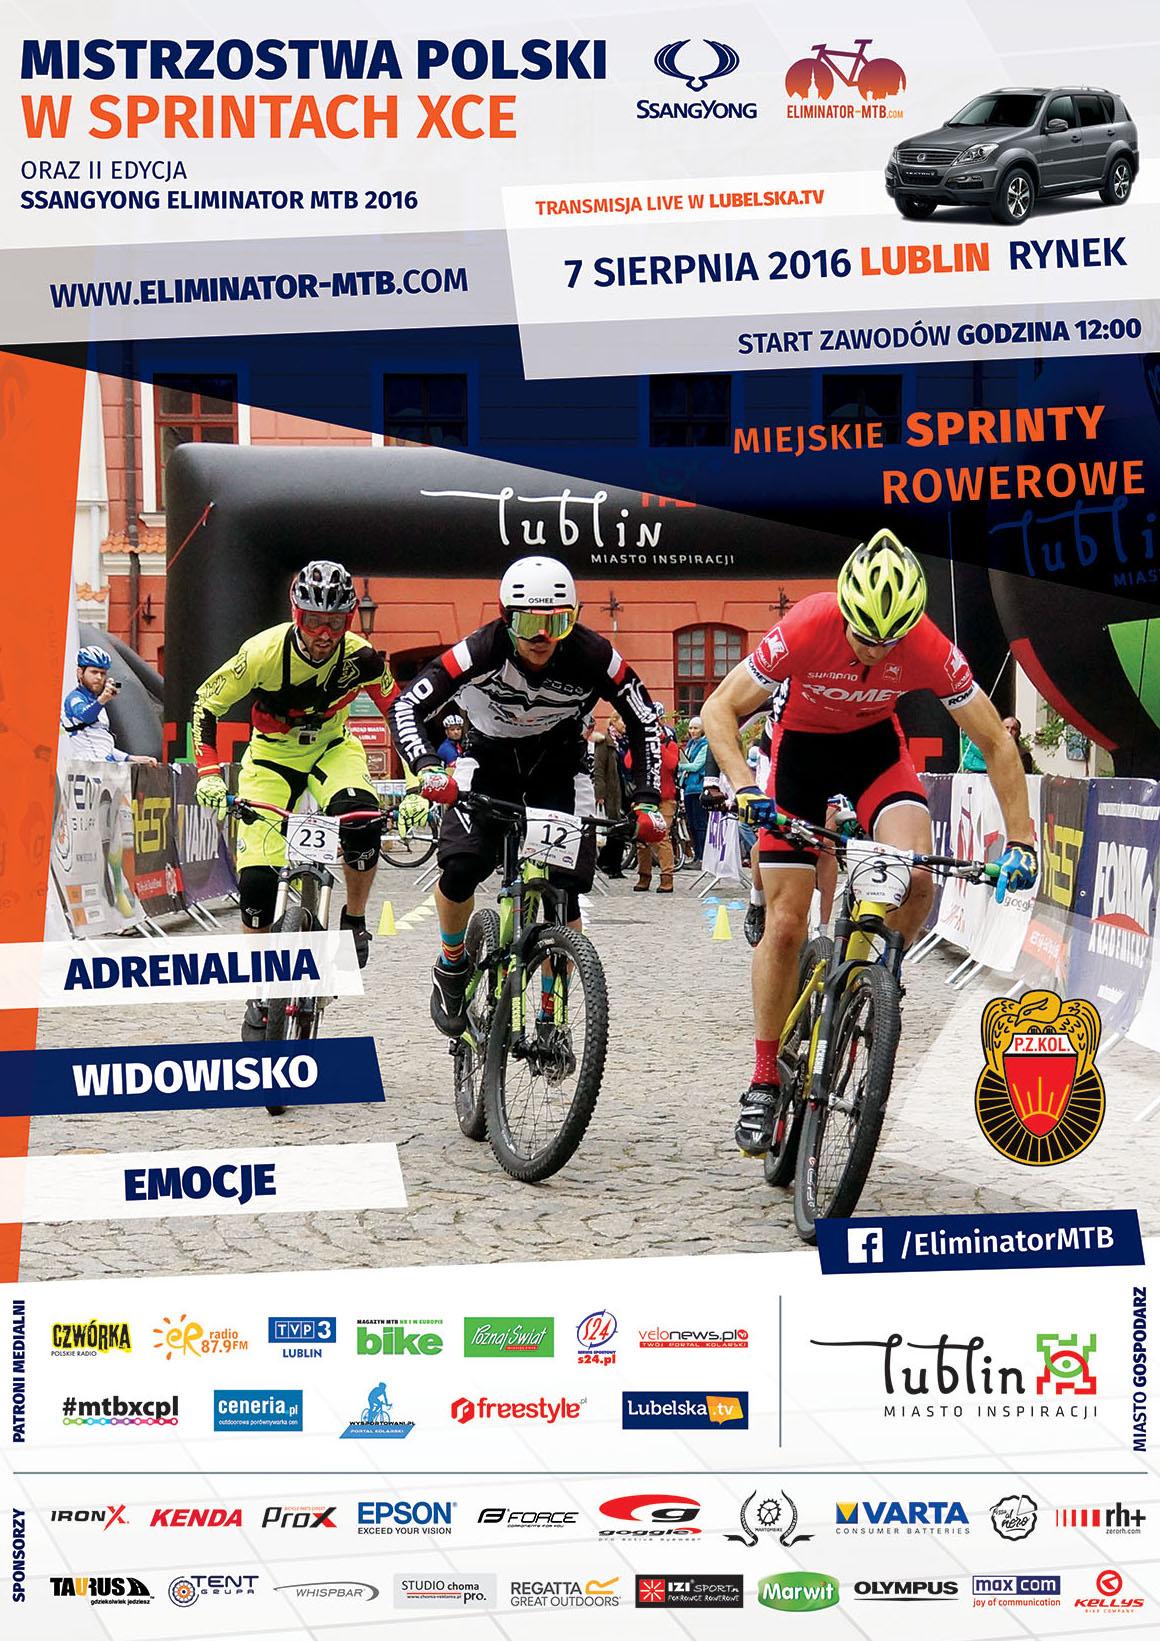 Mistrzostwa Polski MTB 2016 w sprintach XCE